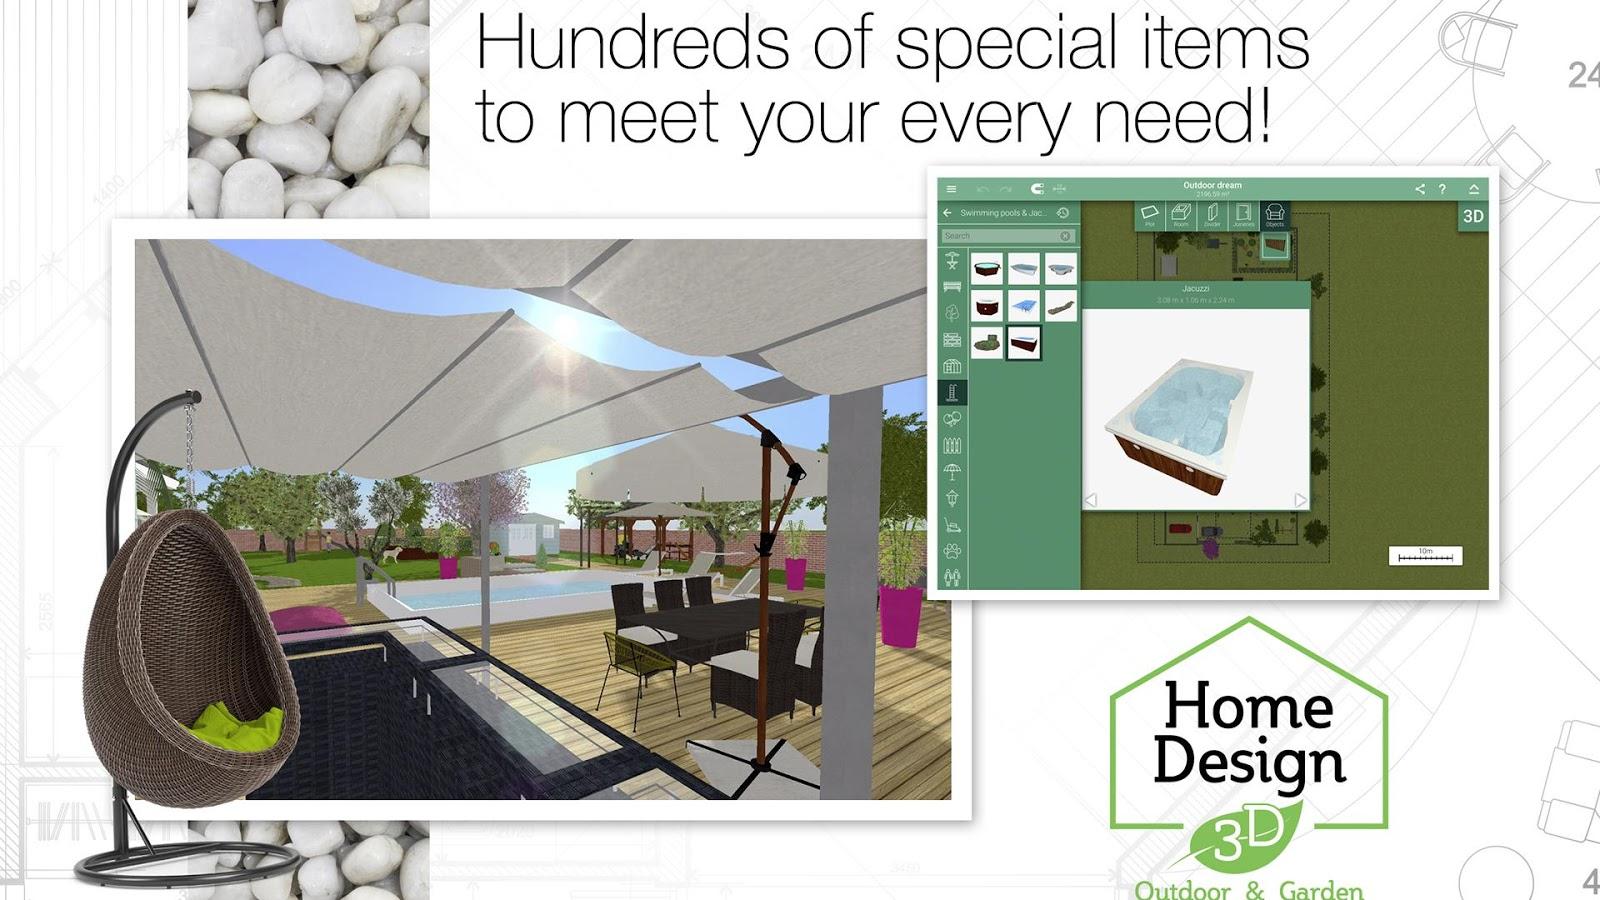 Home design 3d outdoor garden 4 0 8 apk obb data file for Home design 3d outdoor garden mod